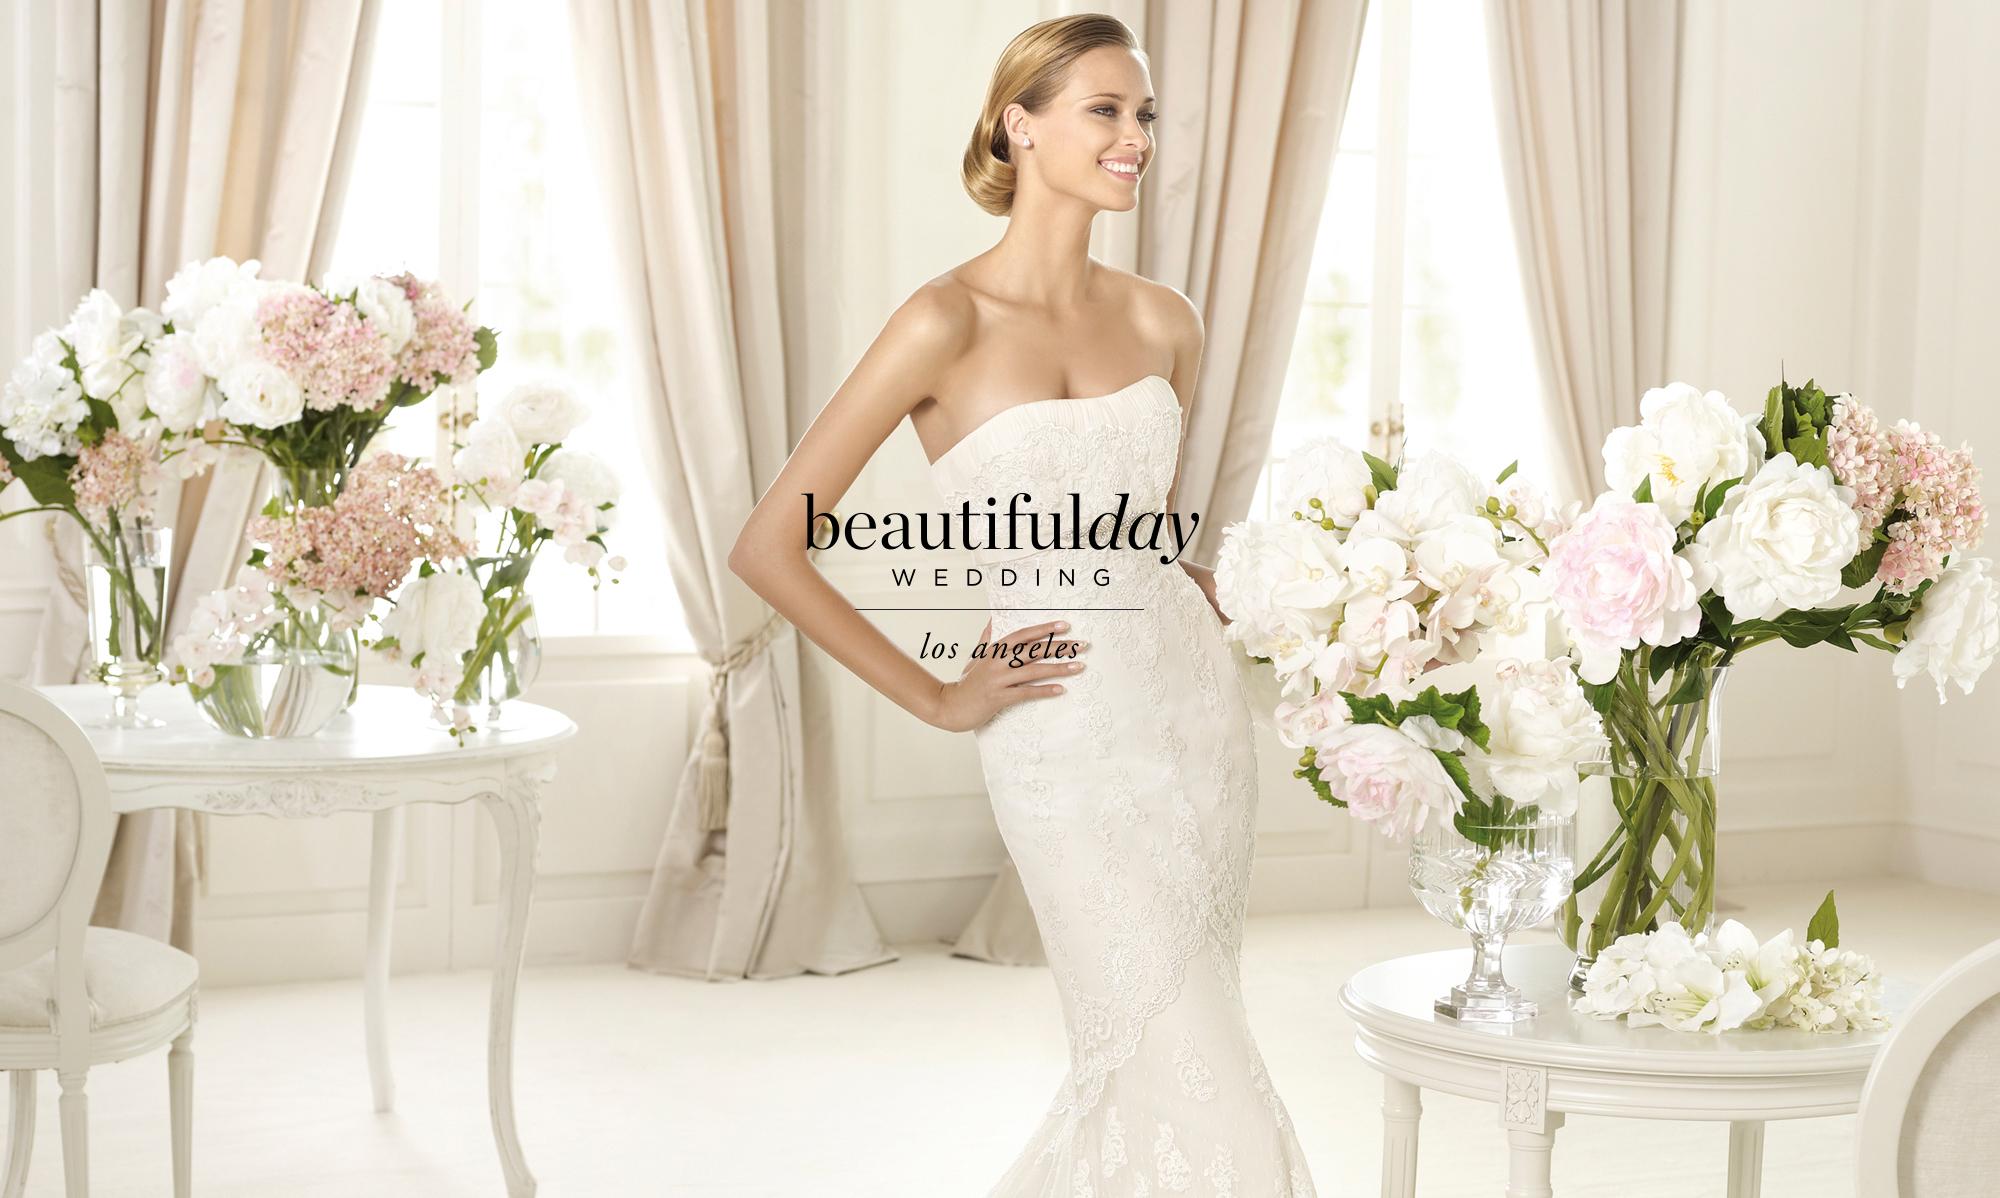 Best Of Wedding Dresses In Los Angeles – Wedding